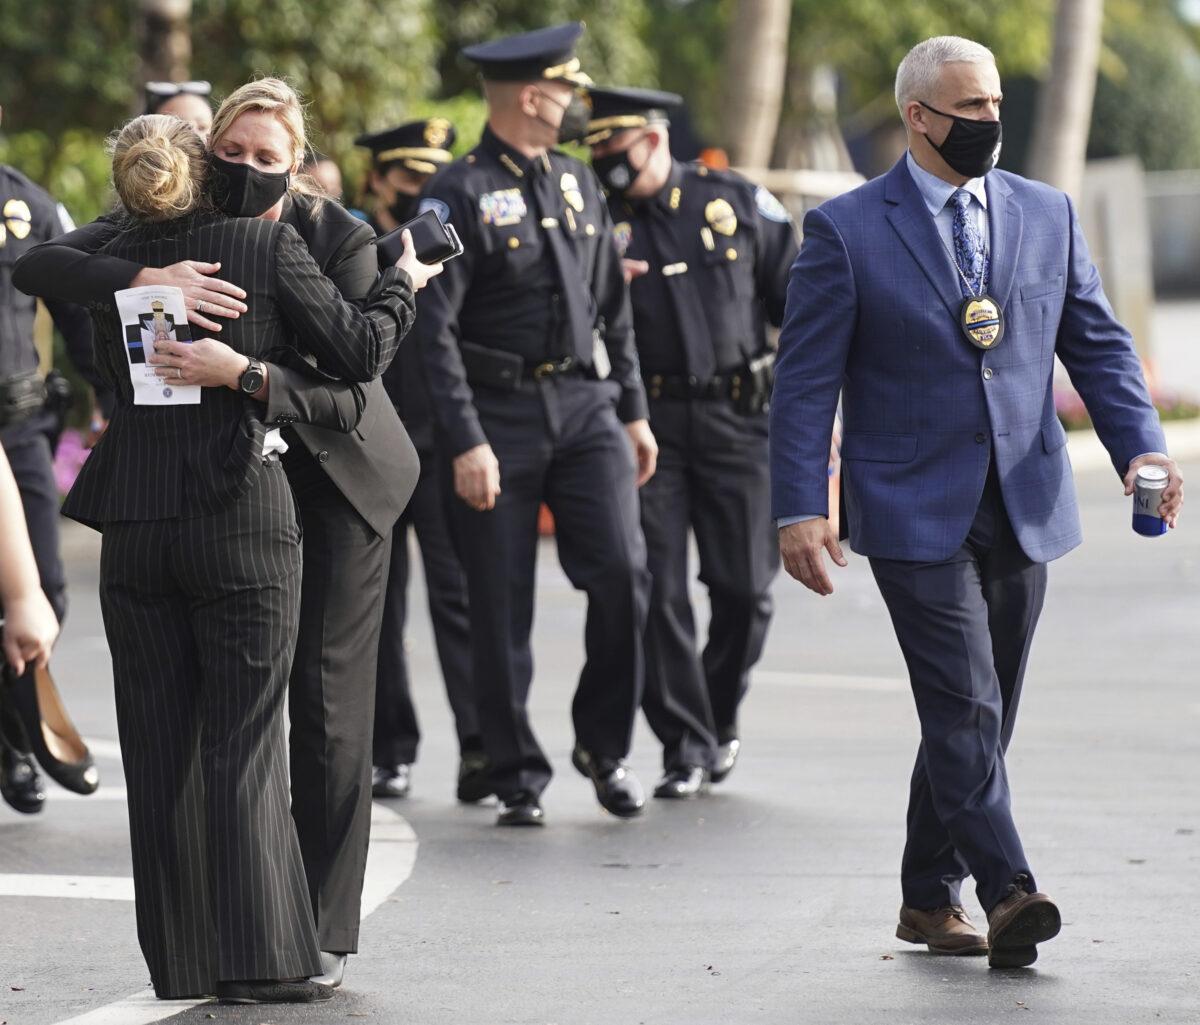 Law enforcement representatives embrace